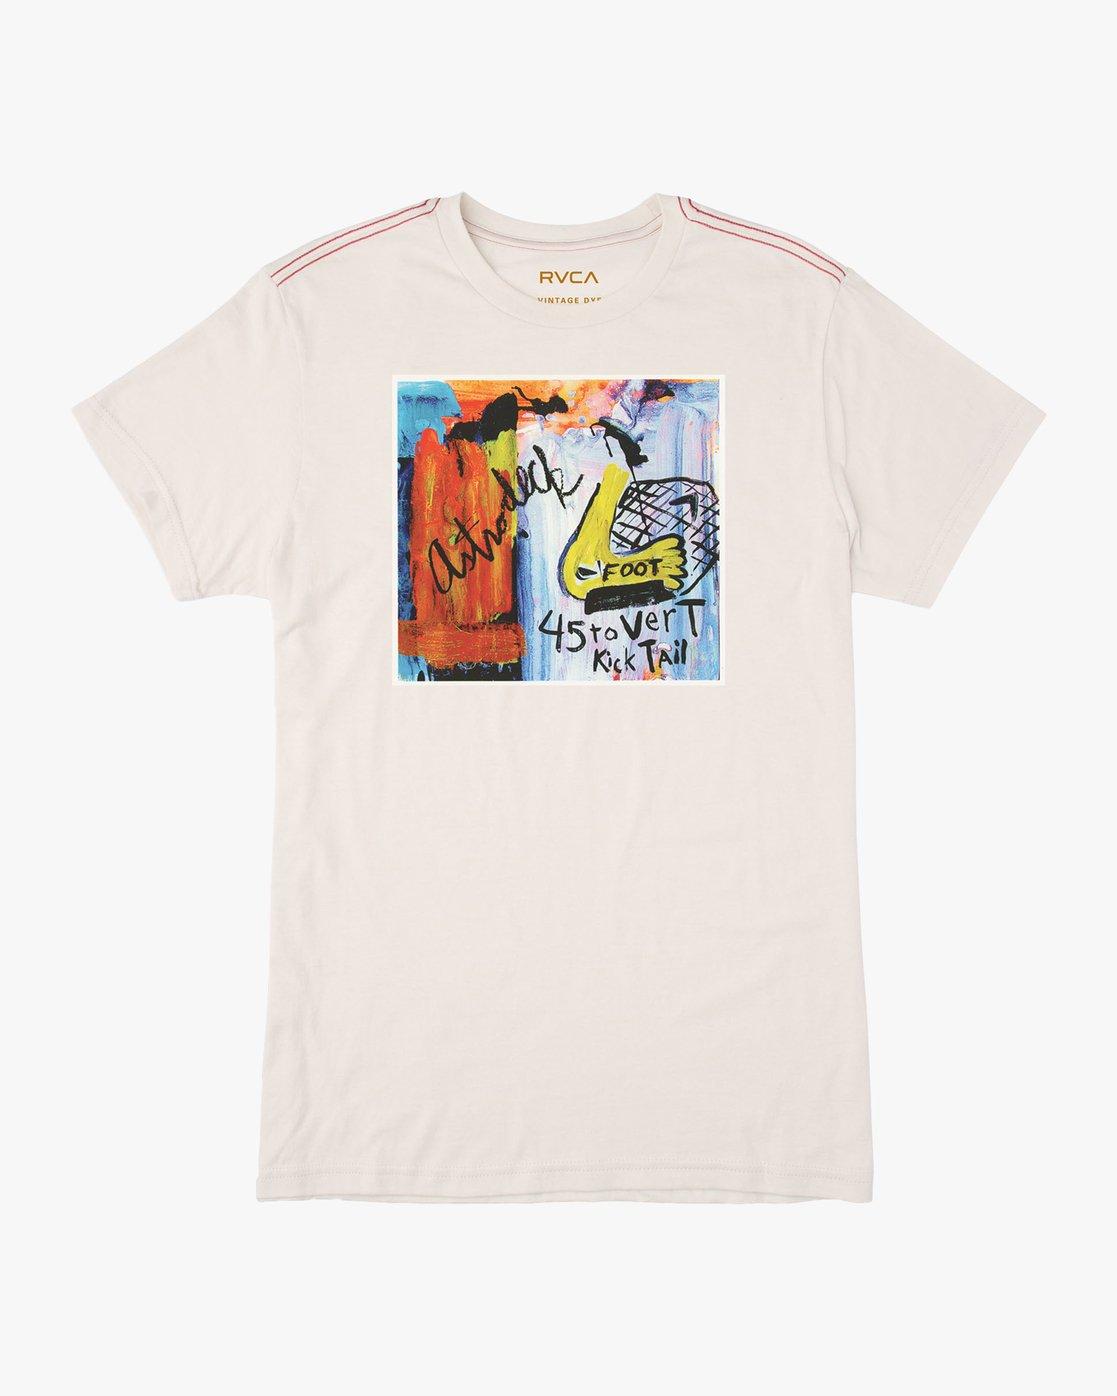 0 Kick Tail- T-Shirt à manches courtes pour Homme Blanc N1SSRHRVP9 RVCA